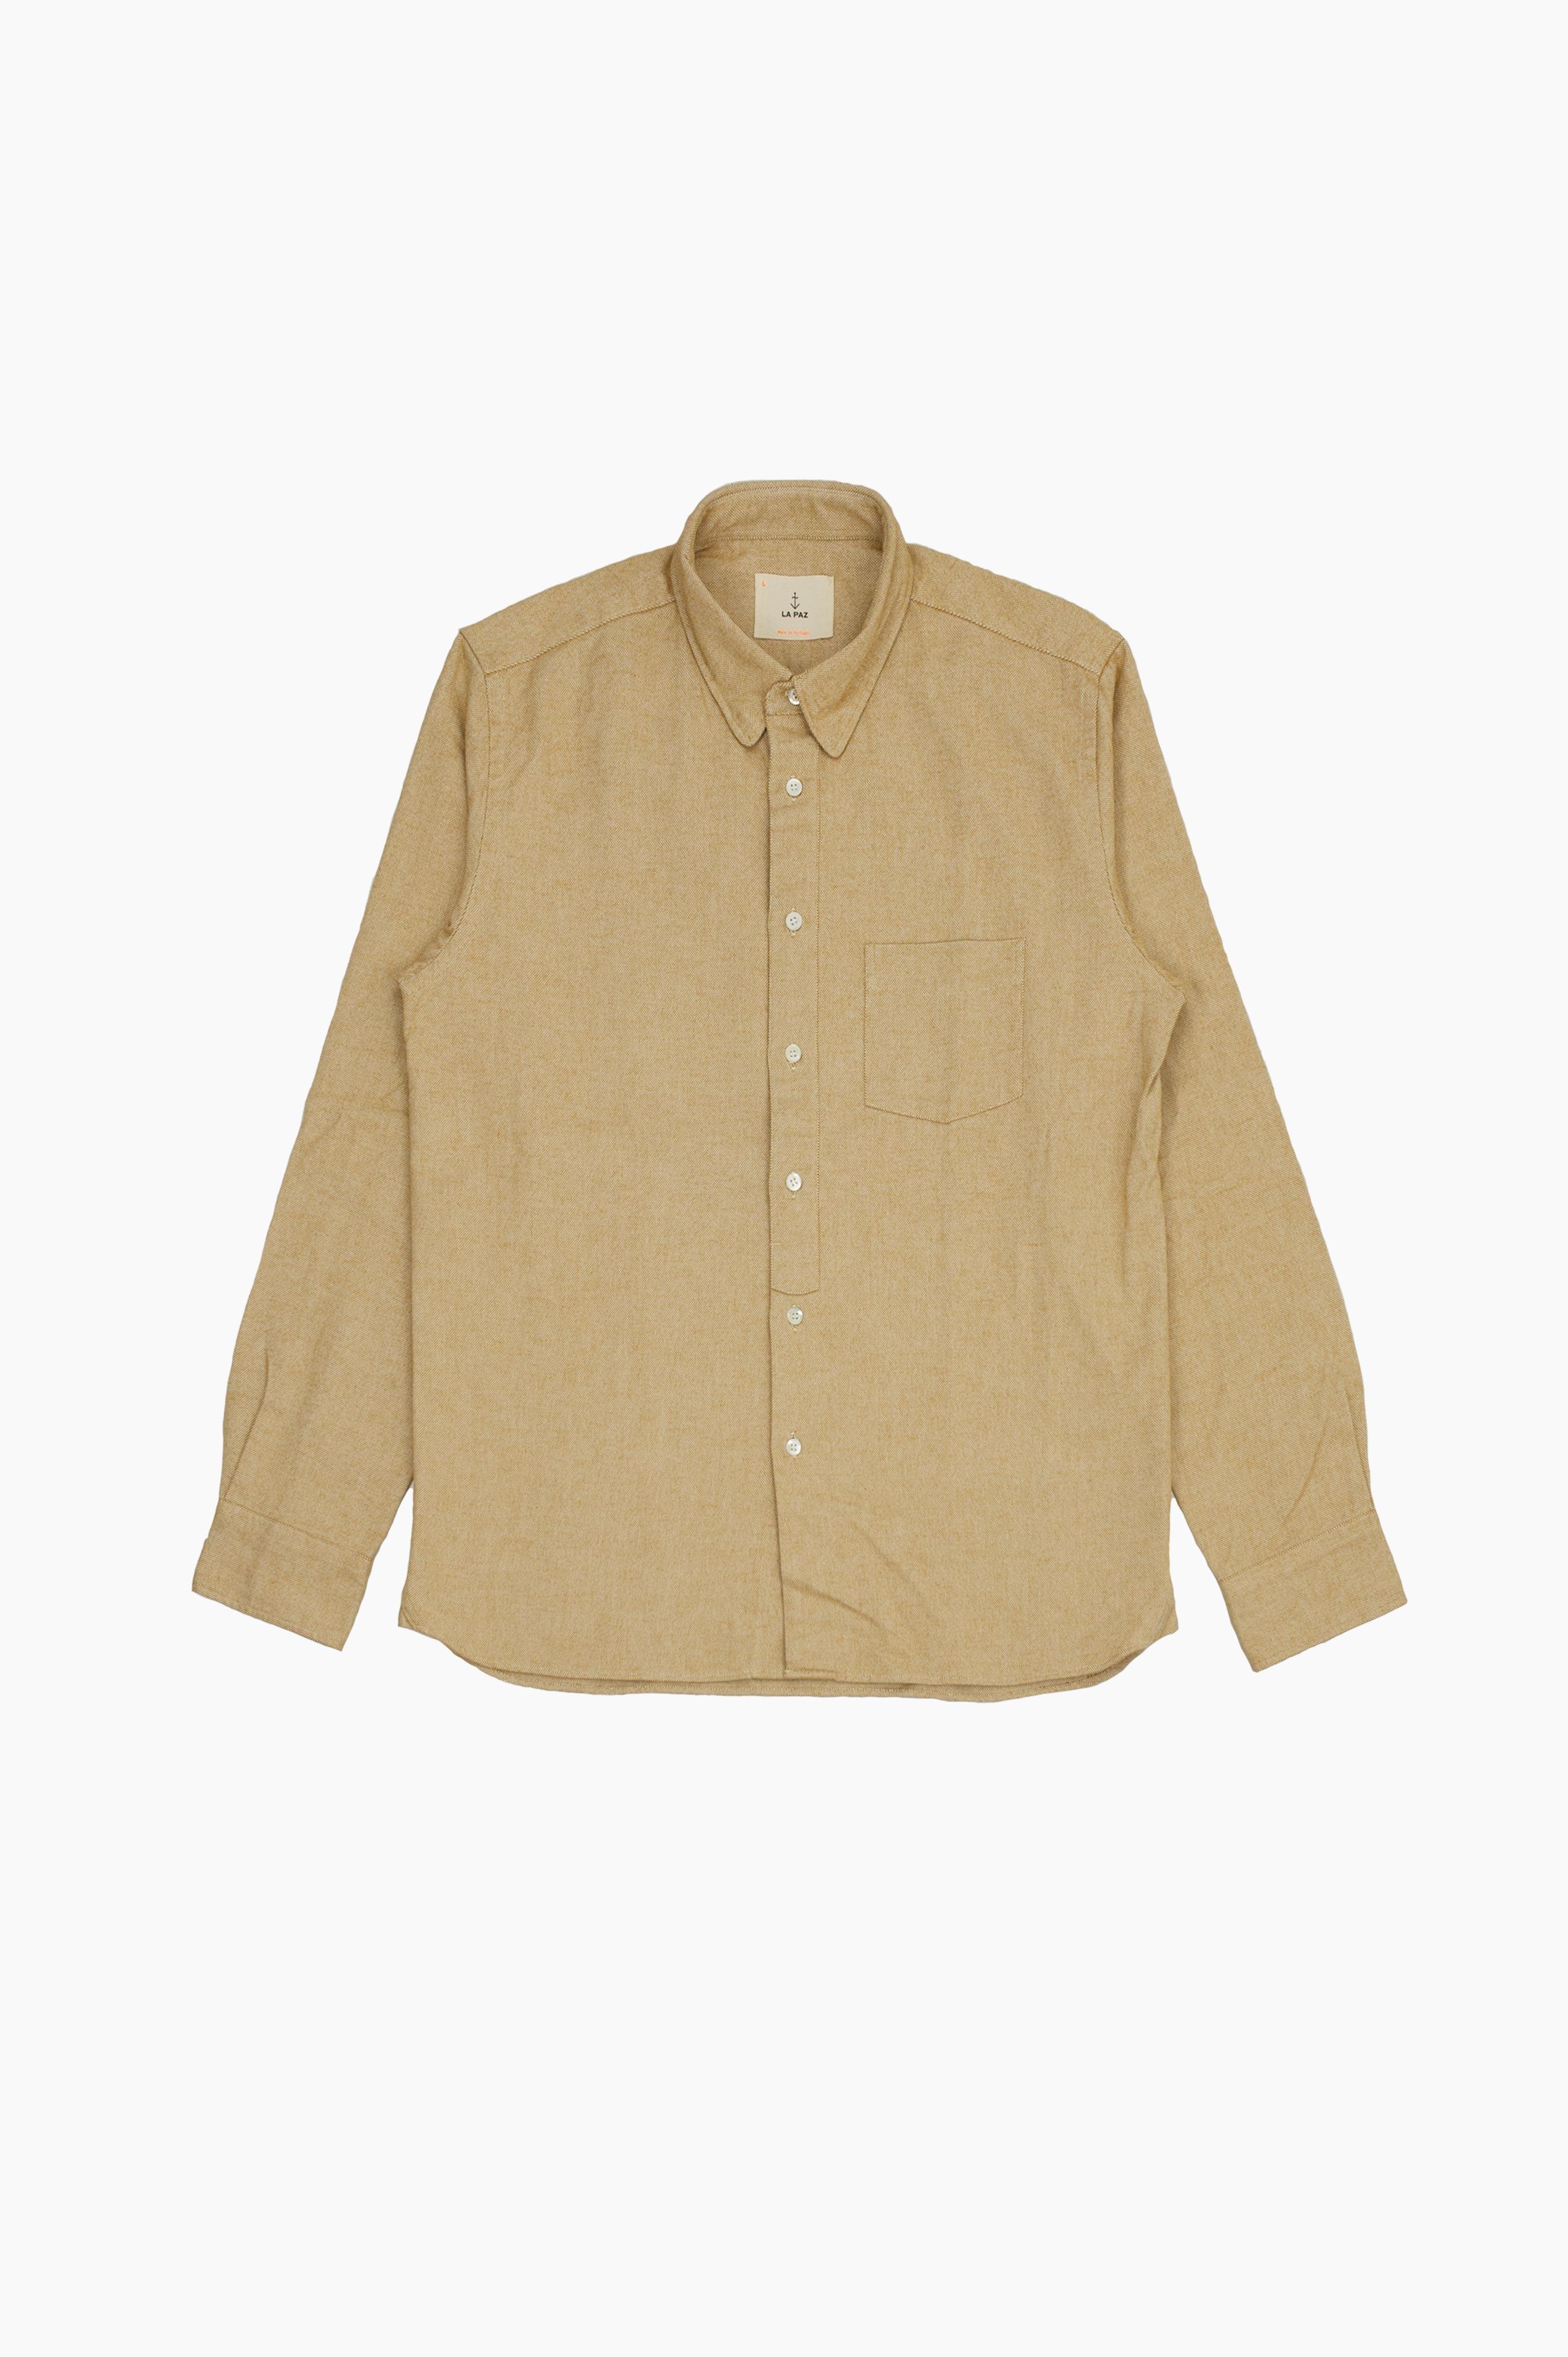 Lopes Shirt Beige